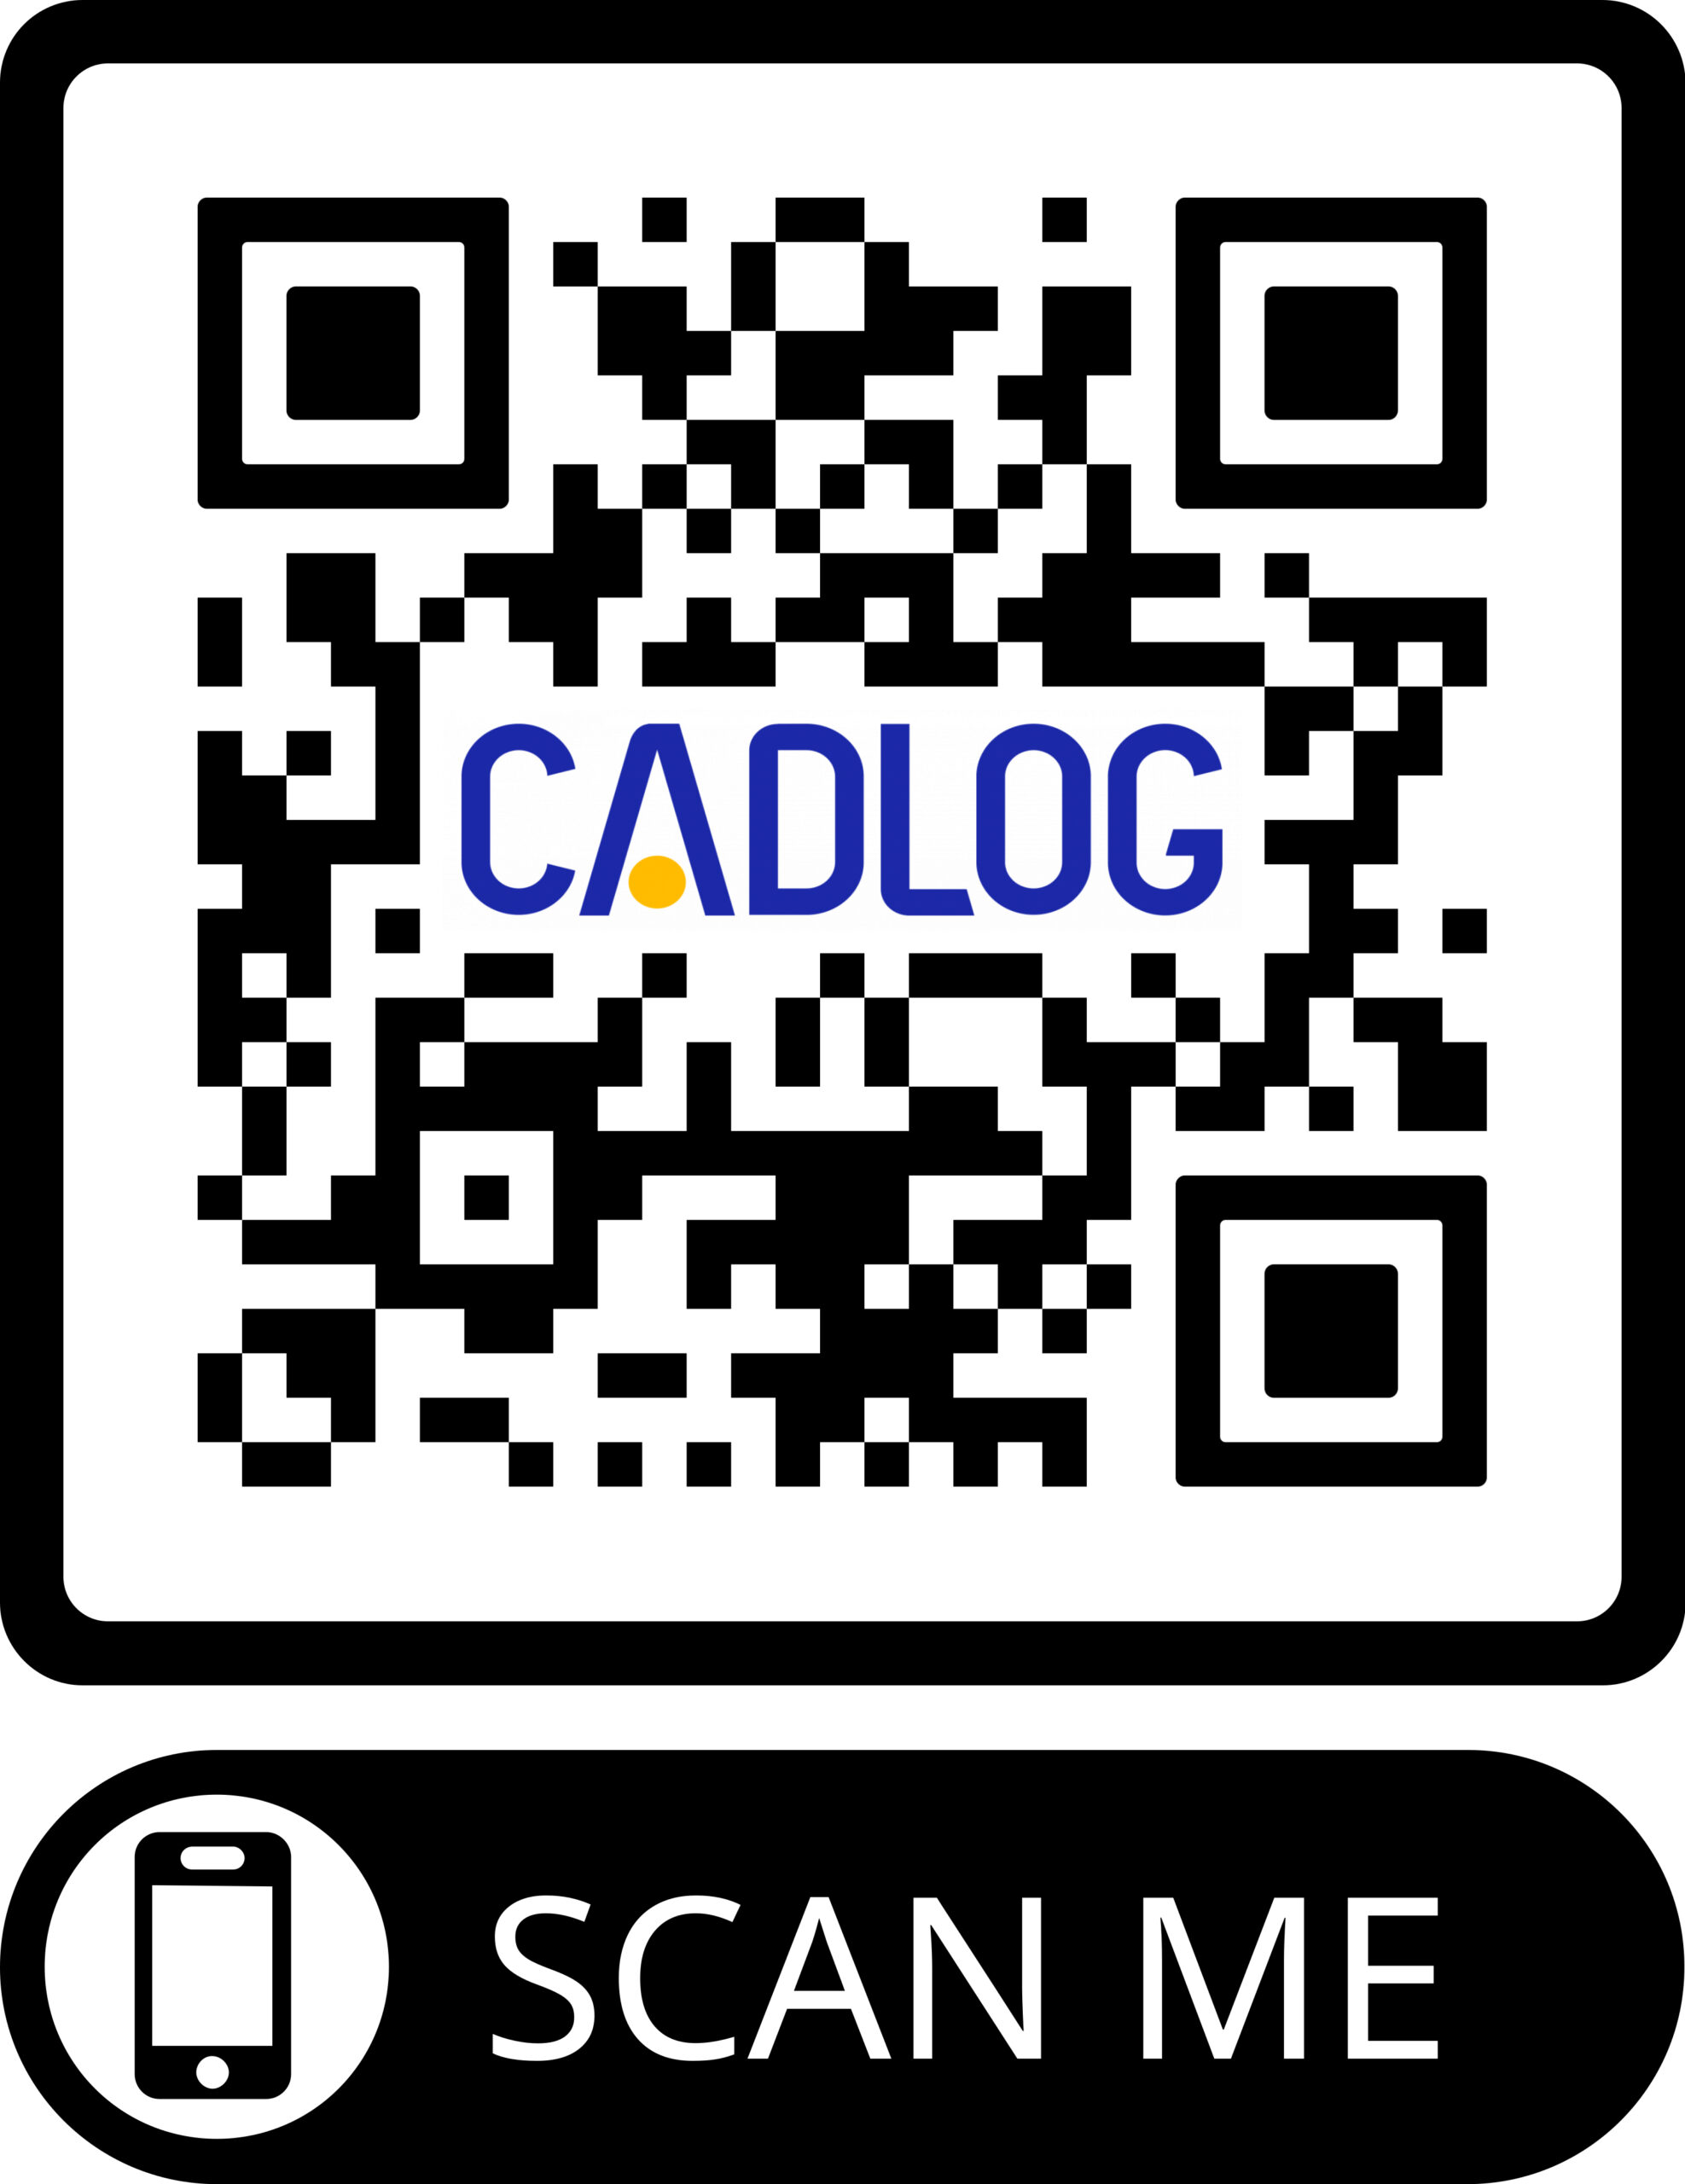 cadlog